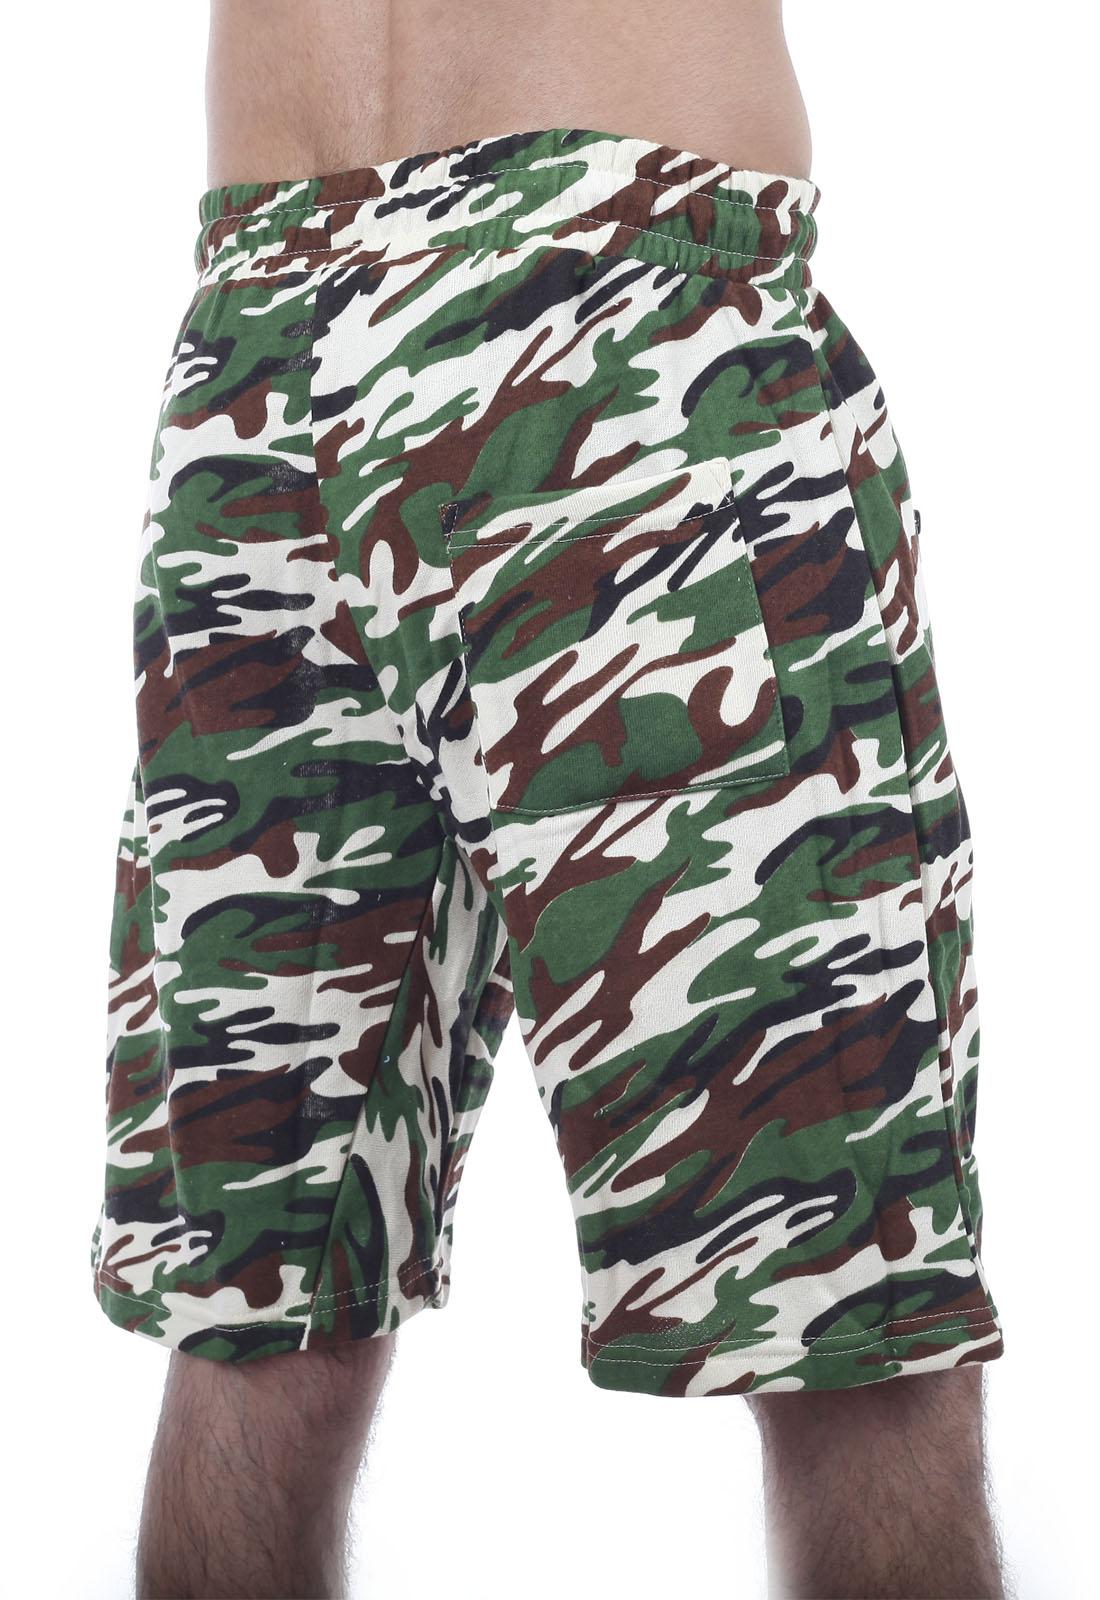 Камуфляжные мужские шорты с нашивкой Флот России - заказать выгодно